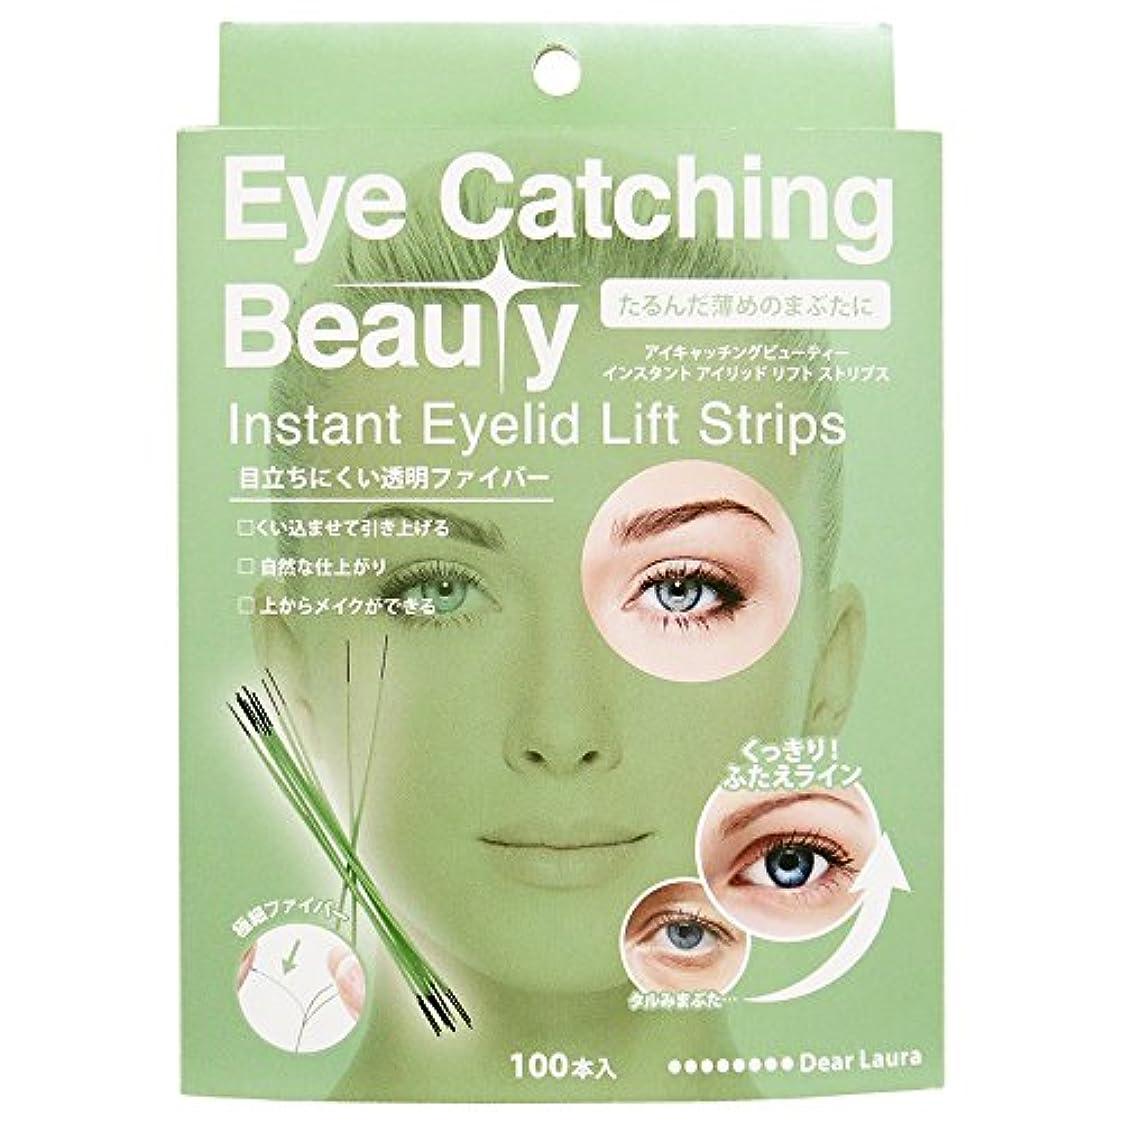 エキサイティング最愛の雄大なアイキャッチングビューティー (Eye Catching Beauty) インスタント アイリッド リフト ストリップス ECB-J03 100本